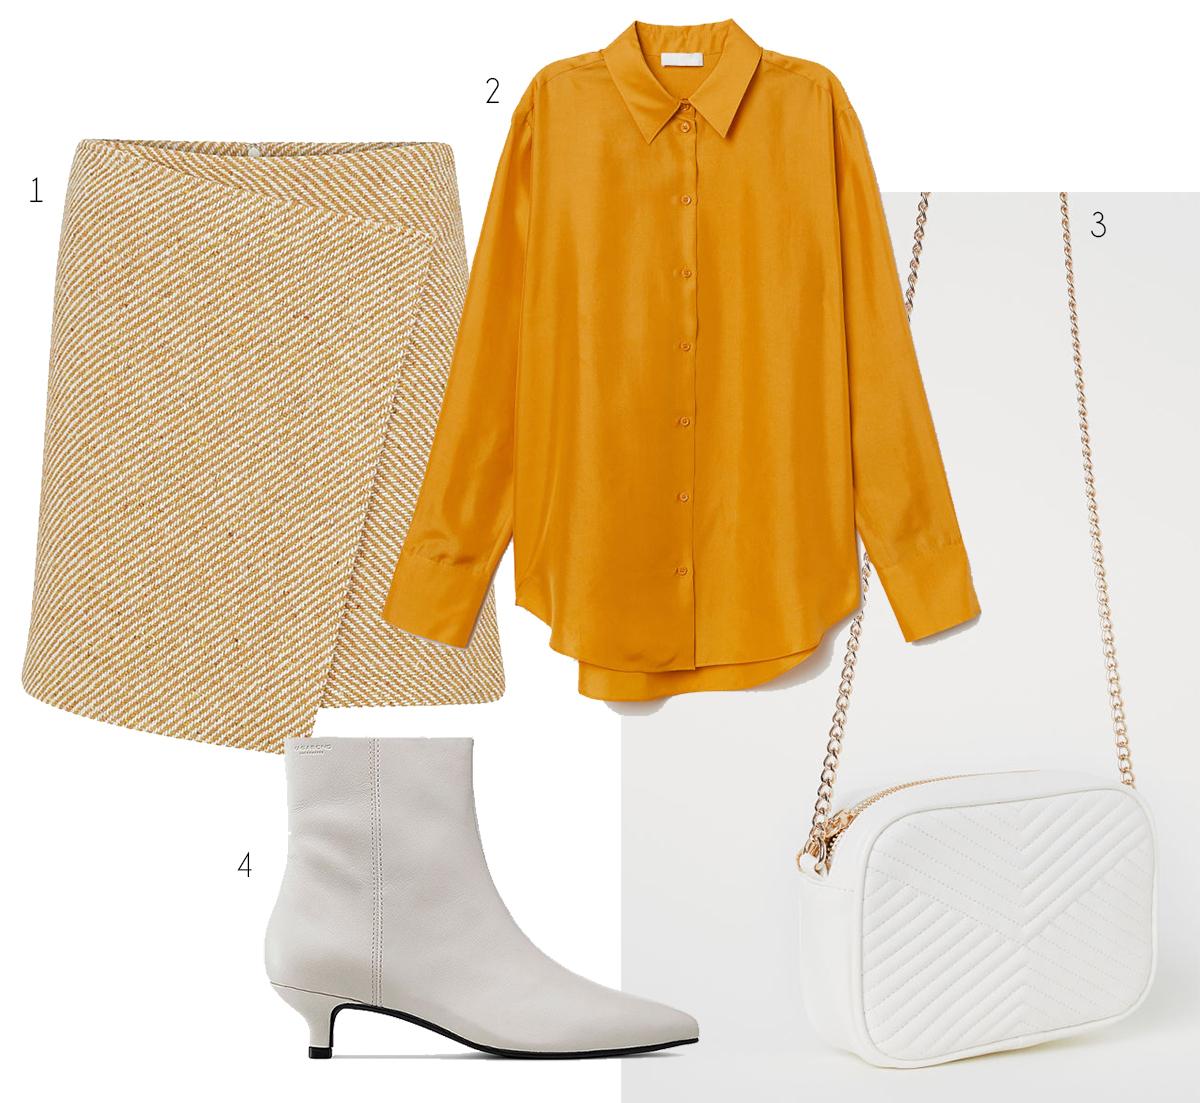 Jag tycker det är underbart att färgen gult och vita boots har fått så stor  plats i höstens mode. Ganska otippat för att vara höstmode. 6aa8d7ad62cb1